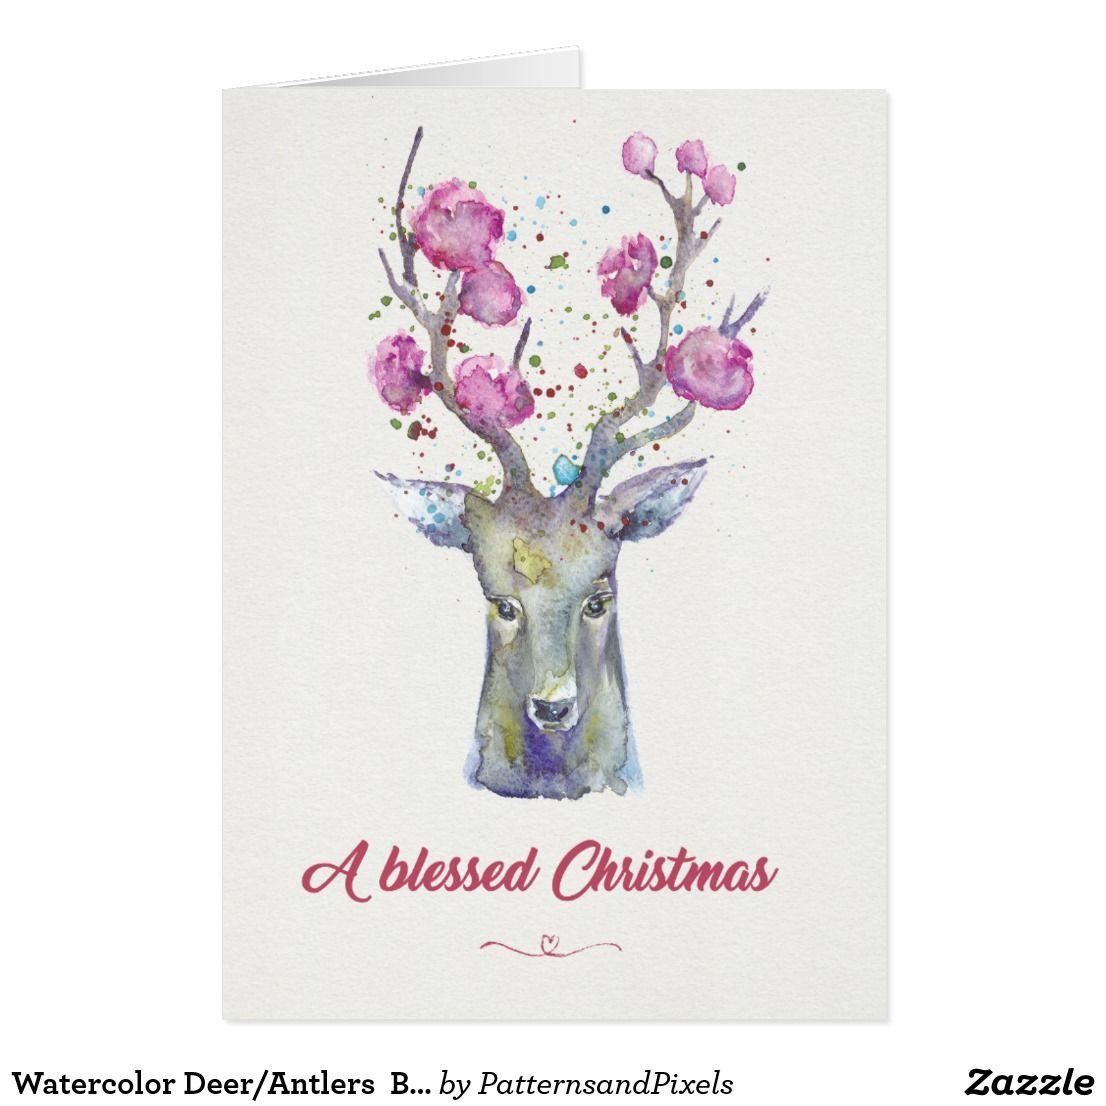 Watercolor deerantlers blessed christmas card christmas cards watercolor deerantlers blessed christmas card kristyandbryce Images